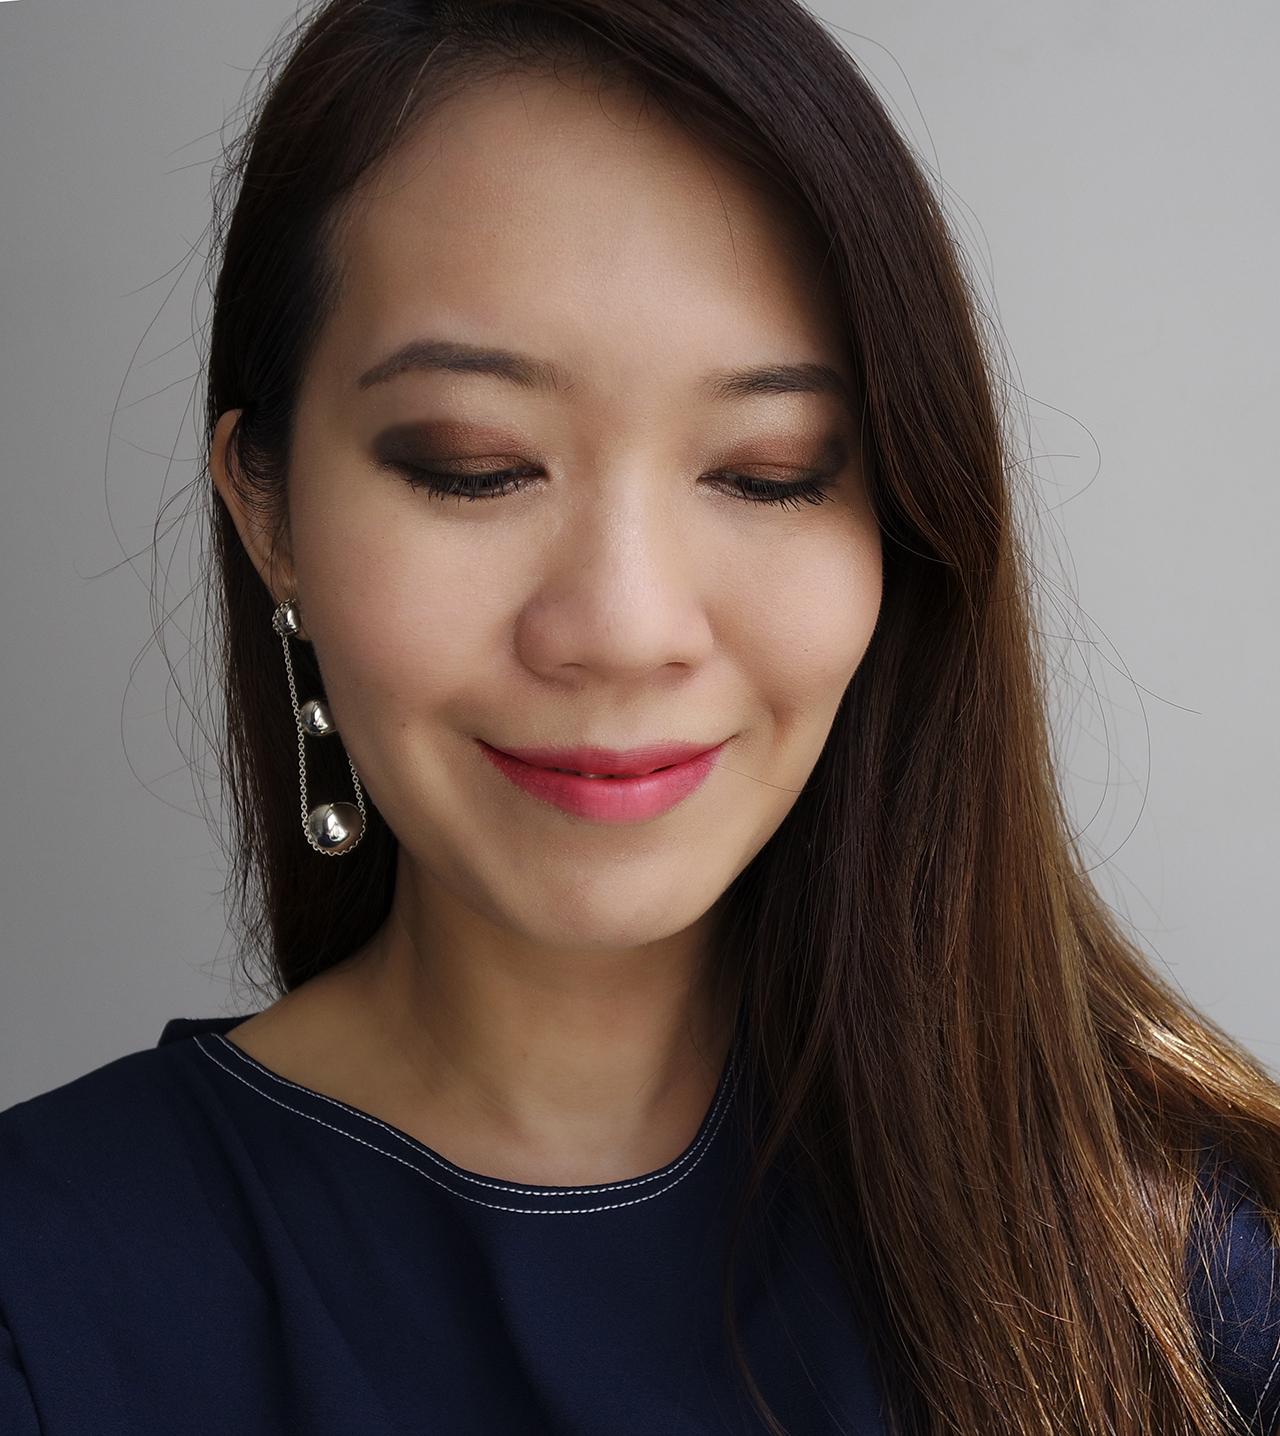 Chanel Les 9 Ombres Palette Affresco makeup look 2